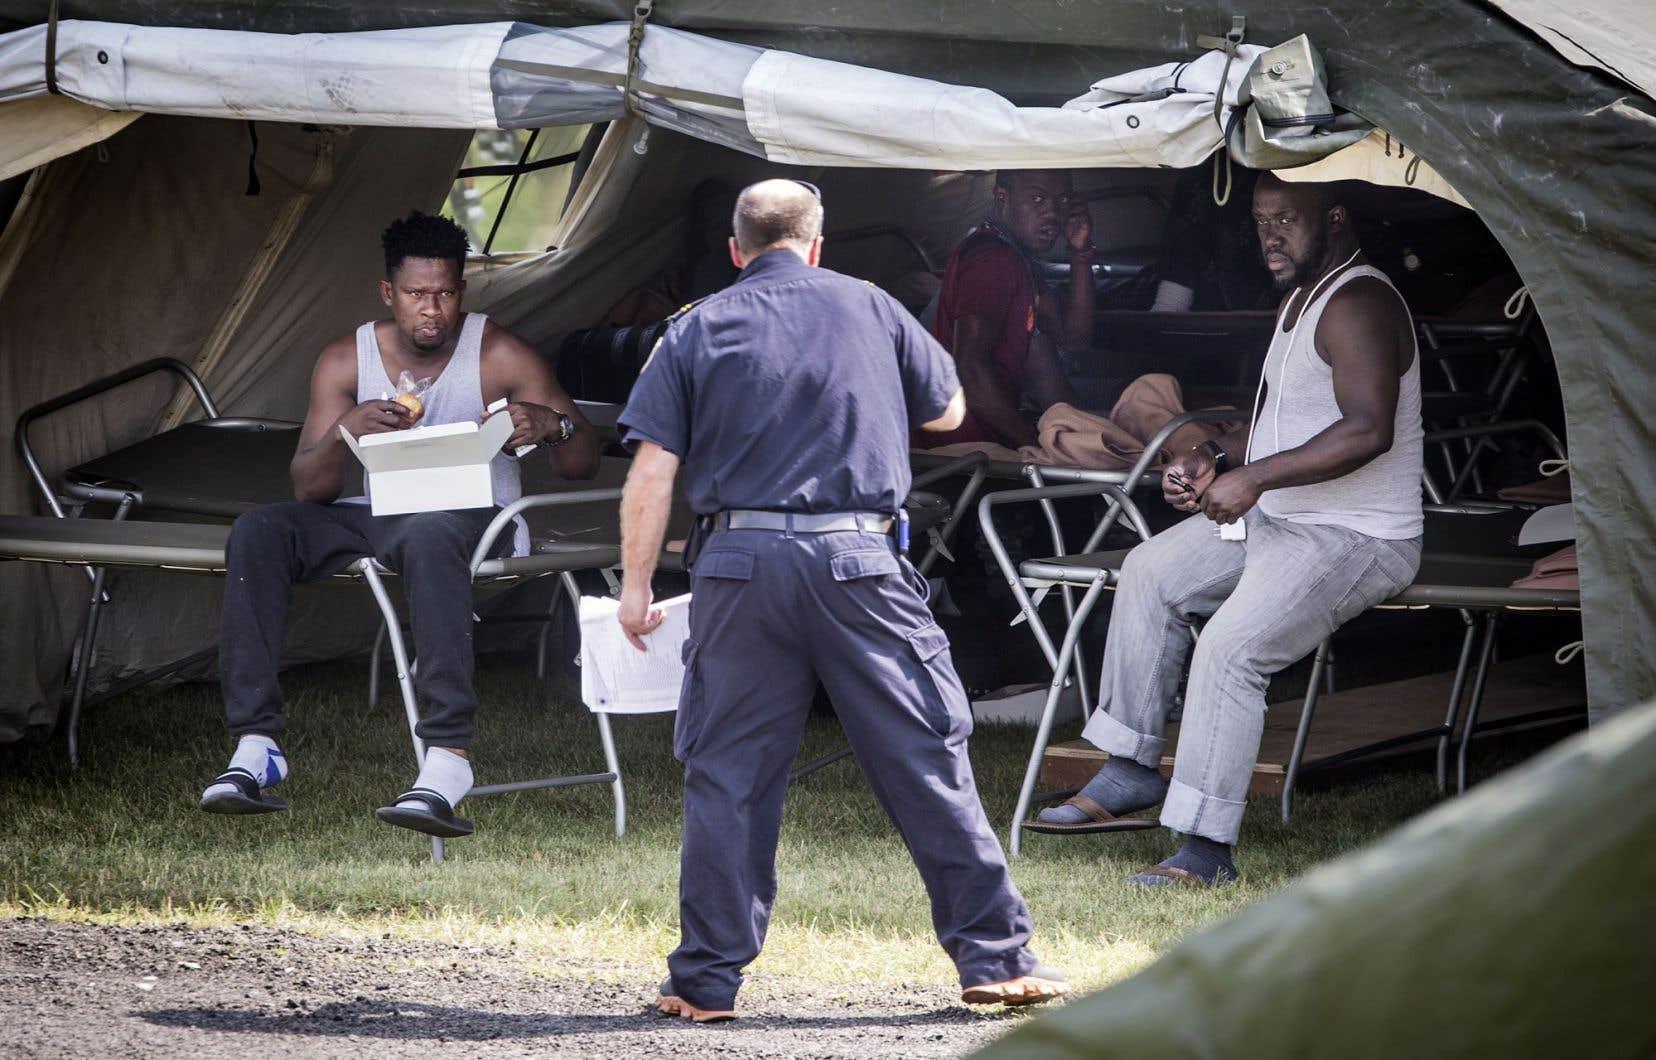 À Saint-Bernard-de-Lacolle, 32 tentes, permettant une capacité d'environ 700 personnes, ont été installées. Si l'on se fie au taux d'acceptation des demandeurs d'asile haïtiens en 2016, c'est près de la moitié qui pourraient voir leur demande refusée.